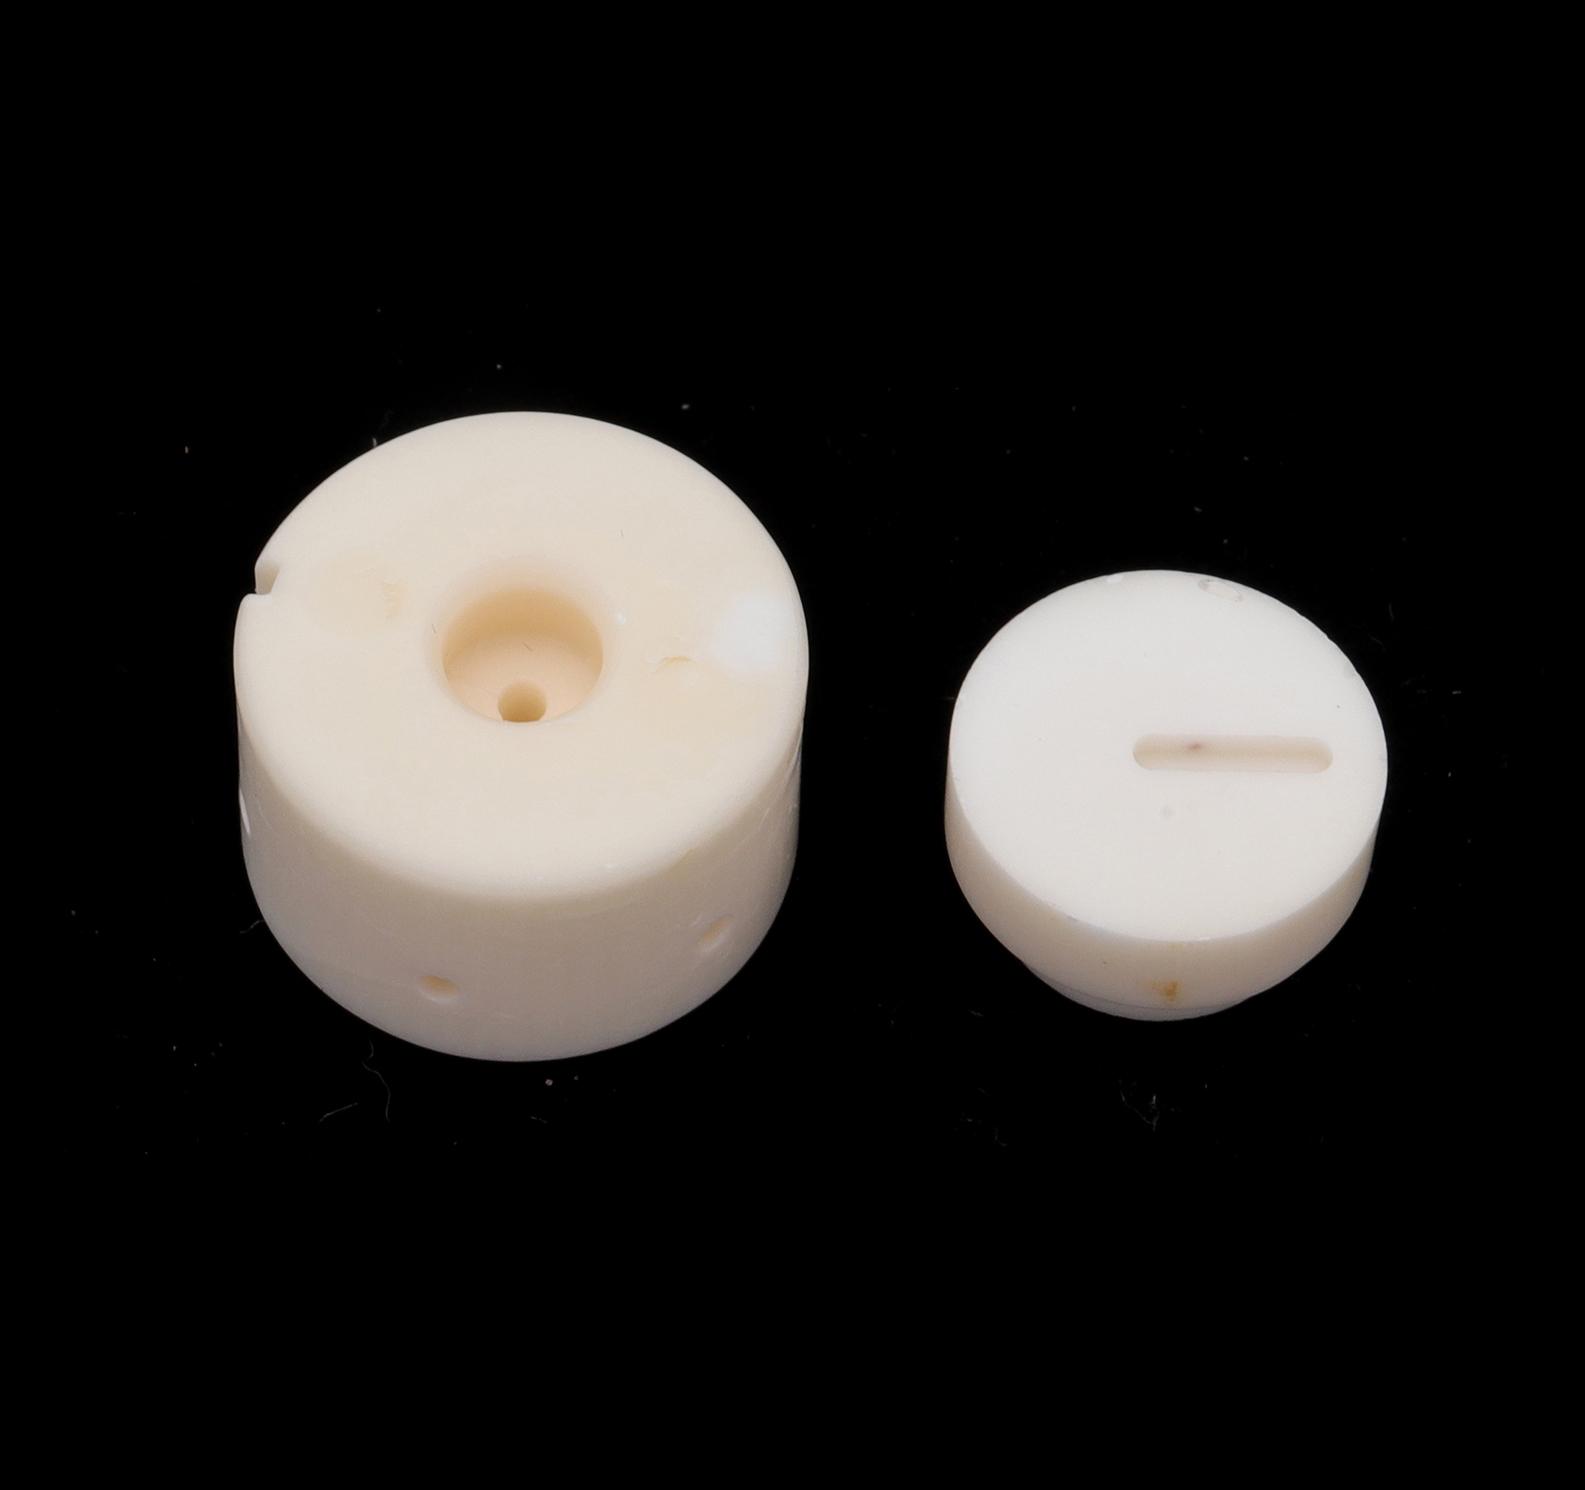 導熱陶瓷絕緣片有哪些特點?